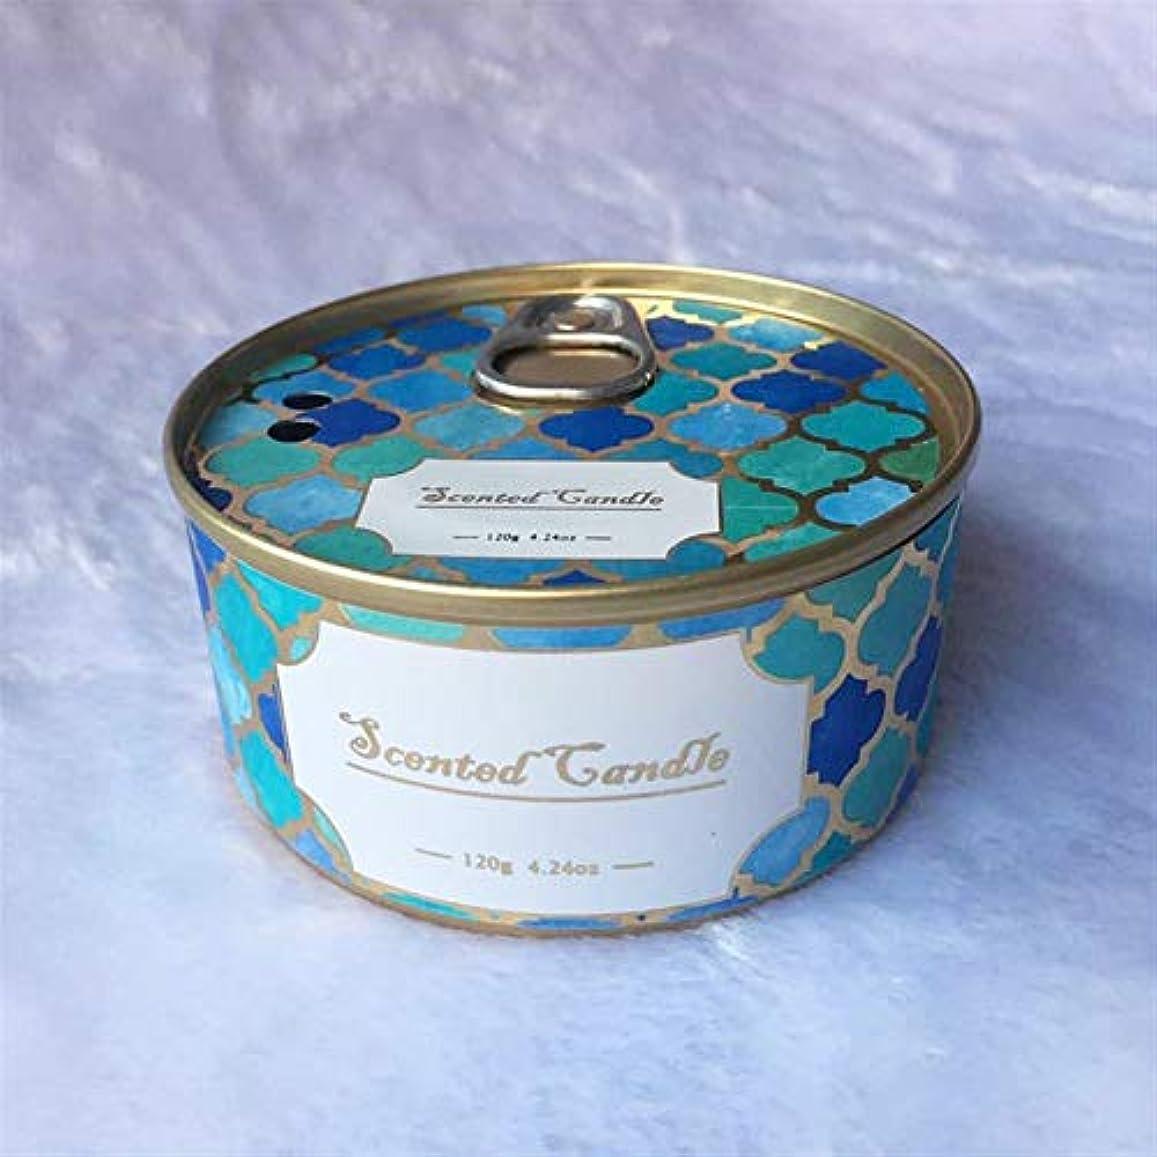 セブン要求する記憶Guomao ブリキ缶植物エッセンシャルオイルハイエンドギフト大豆ワックスモスオーキッド香りのキャンドル (色 : Moss)